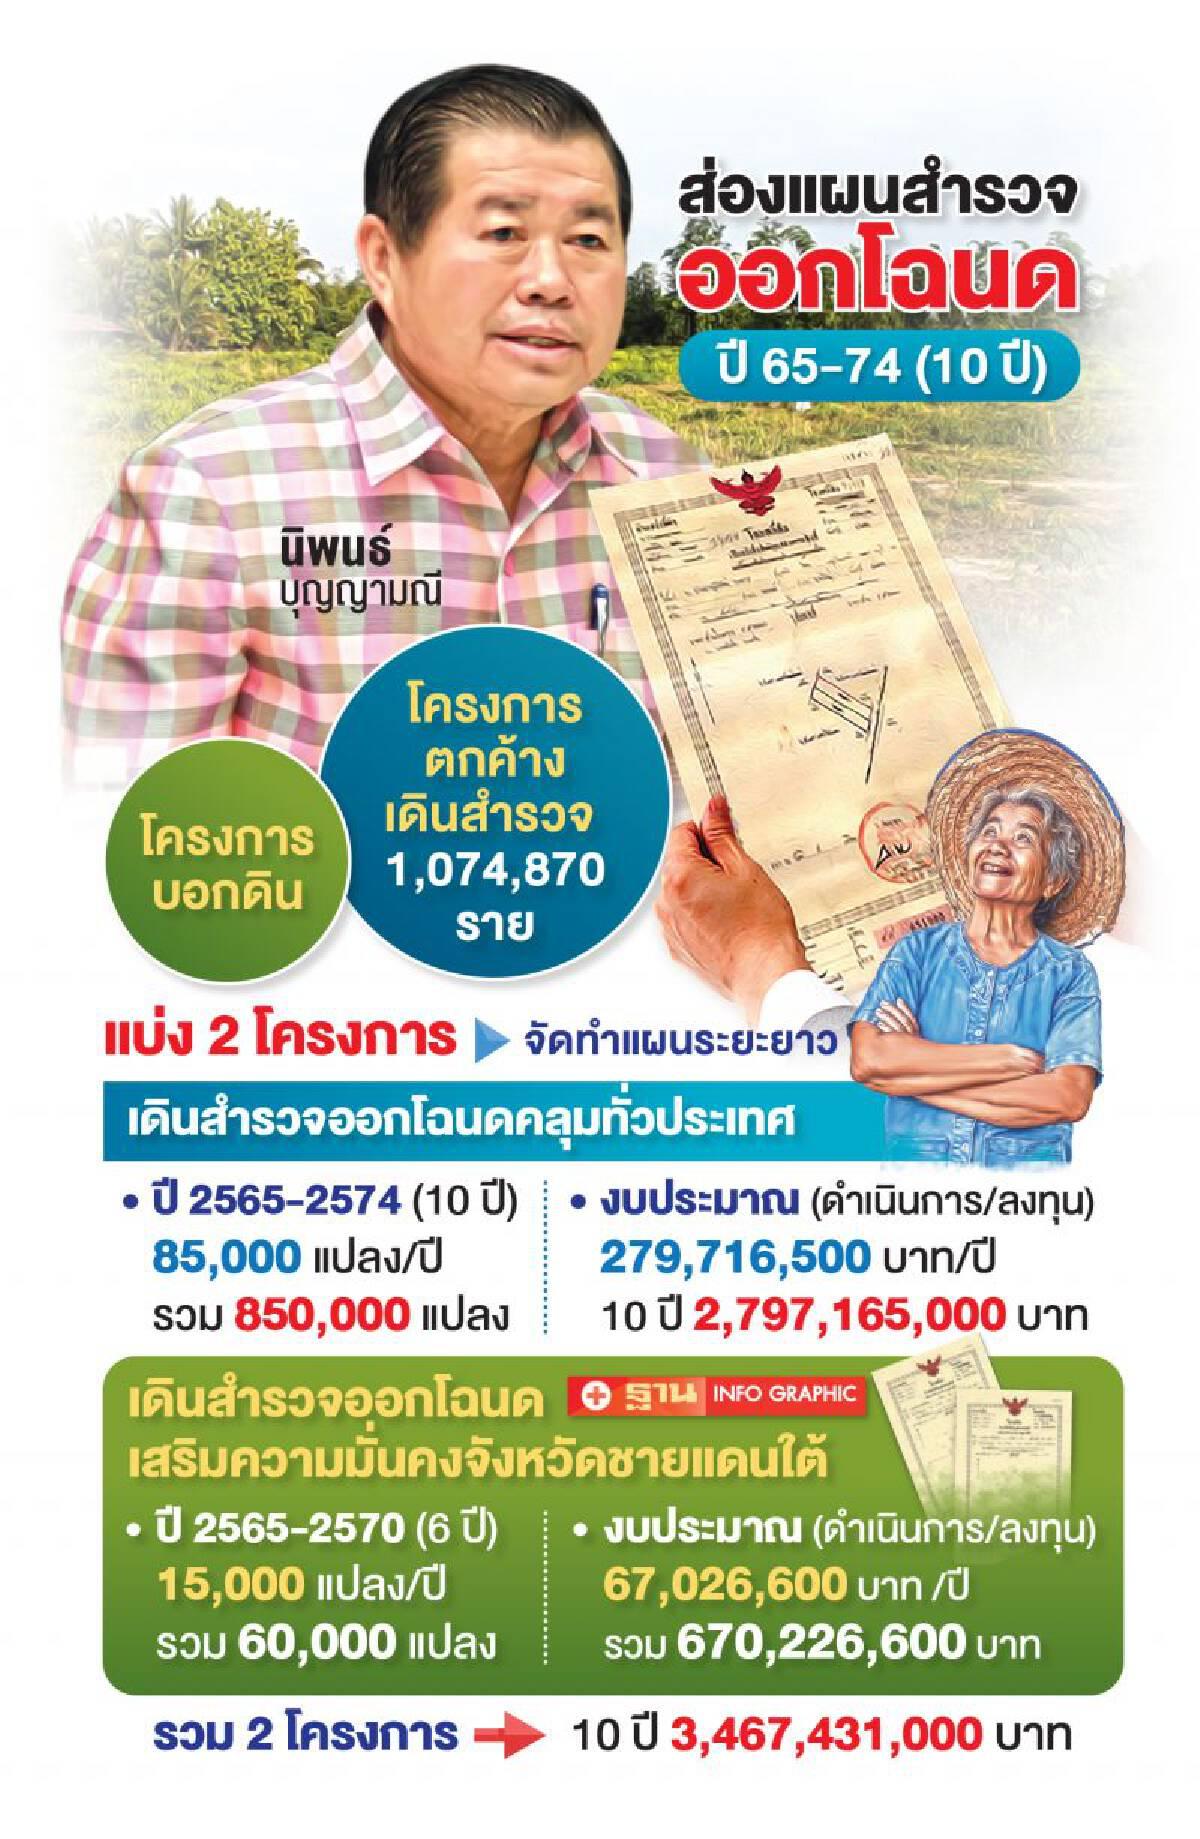 ส่องแผนสำรวจออกโฉนด ปี 65-74 (10 ปี)